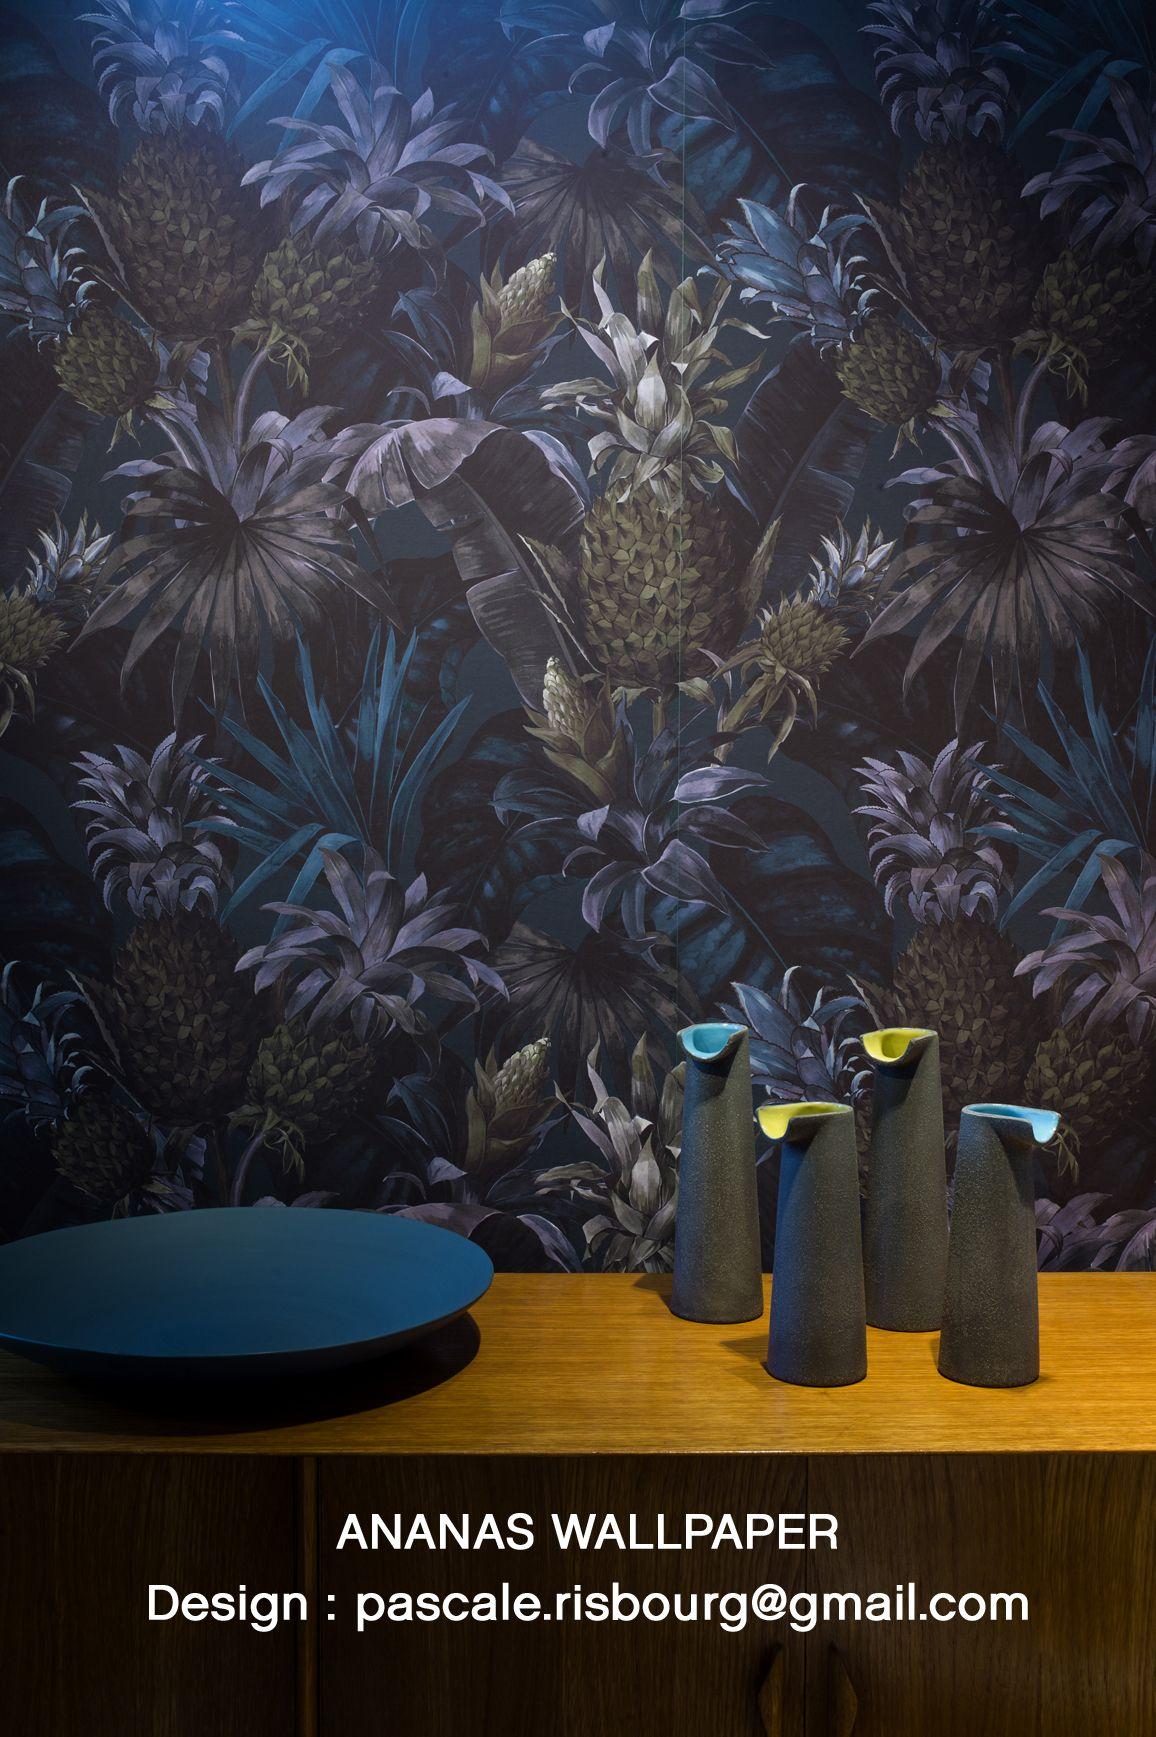 wallpaper ananas design pascale risbourg wallpaper collection papier peint peindre et design. Black Bedroom Furniture Sets. Home Design Ideas